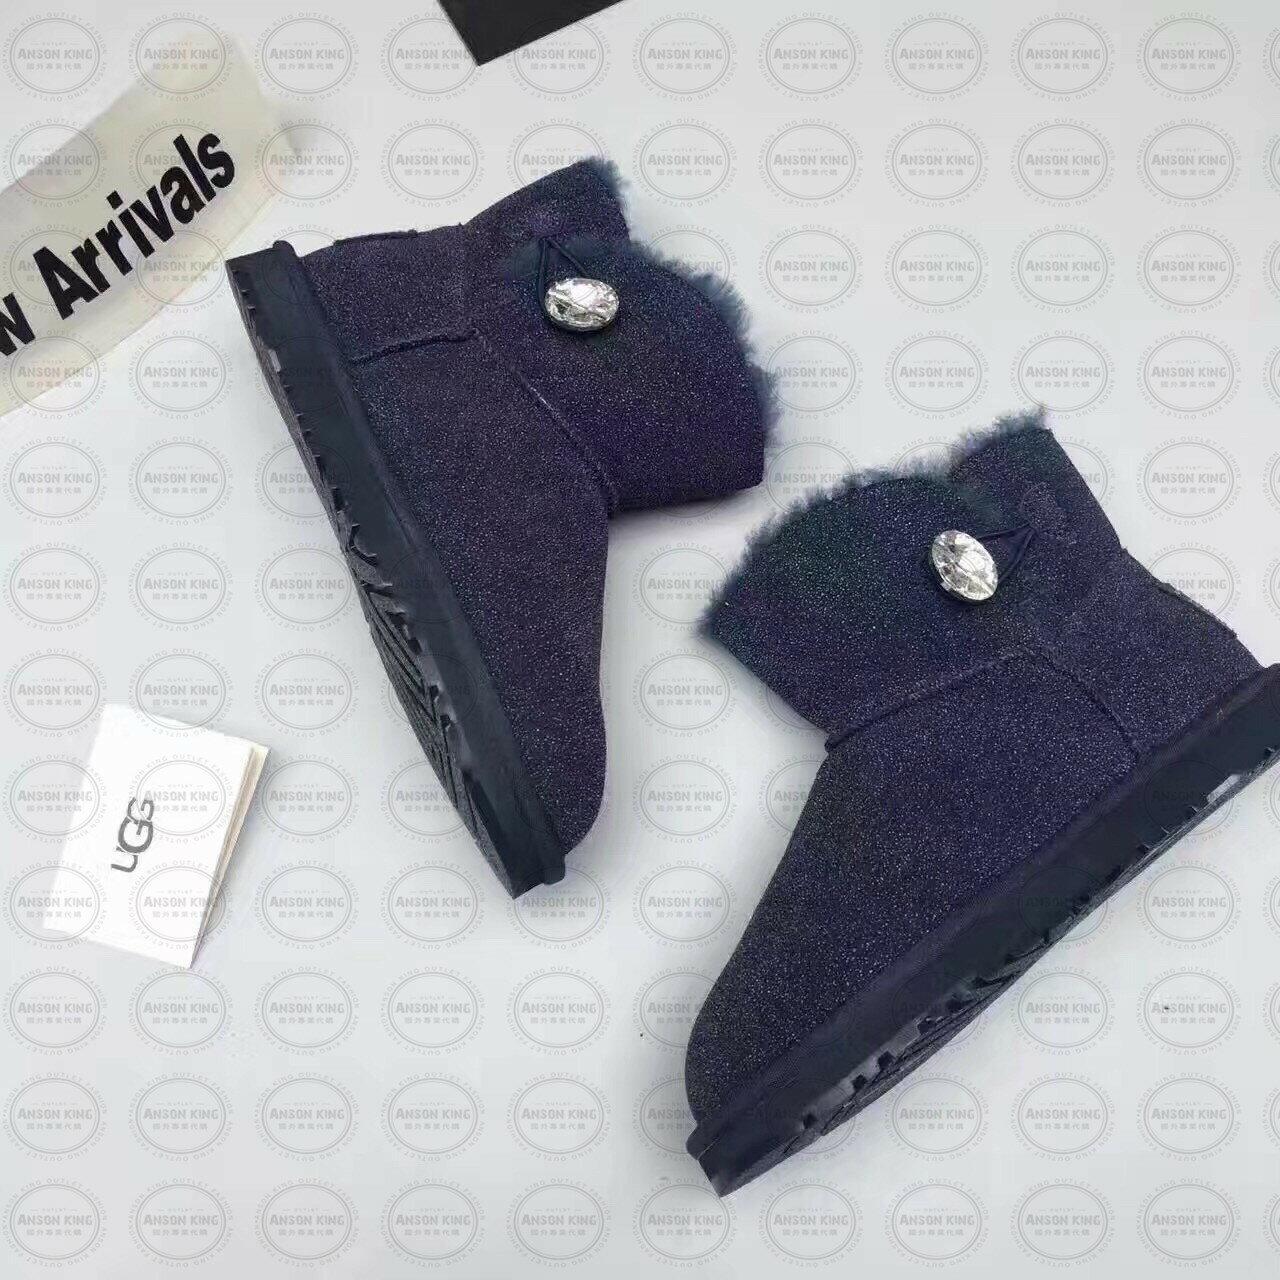 OUTLET正品代購 澳洲 UGG 明星同款水晶扣短靴 保暖 真皮羊皮毛 雪靴 短靴 藍色 2